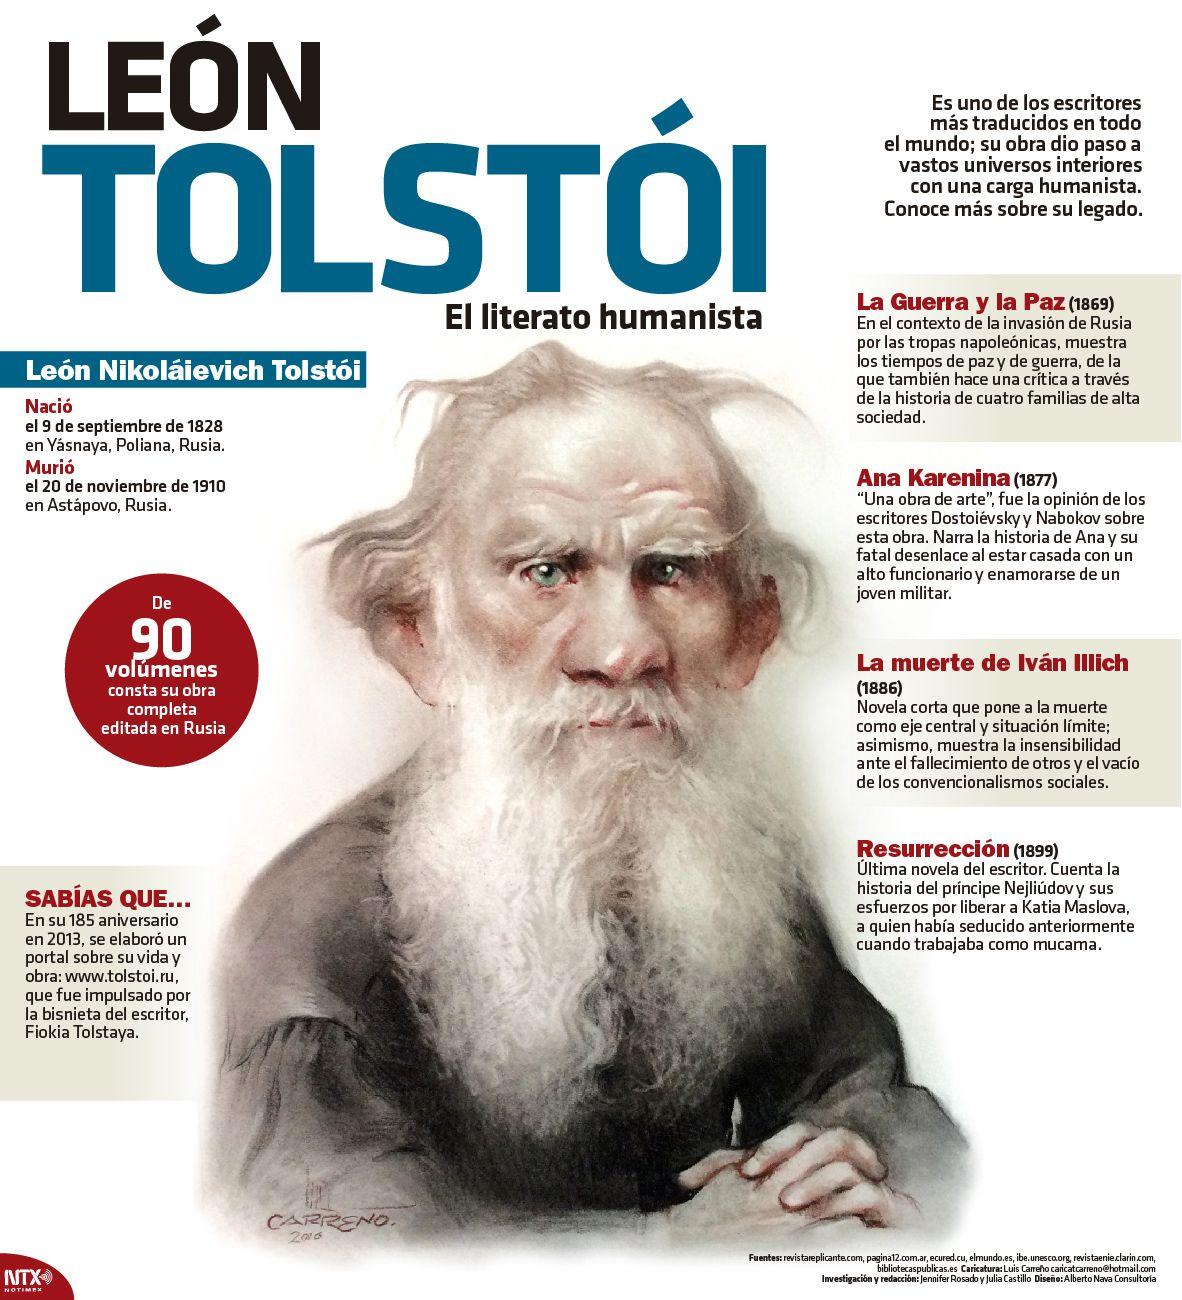 Con La Infografiantx Recordamos Al Escritor Leon Tolstoi A 107